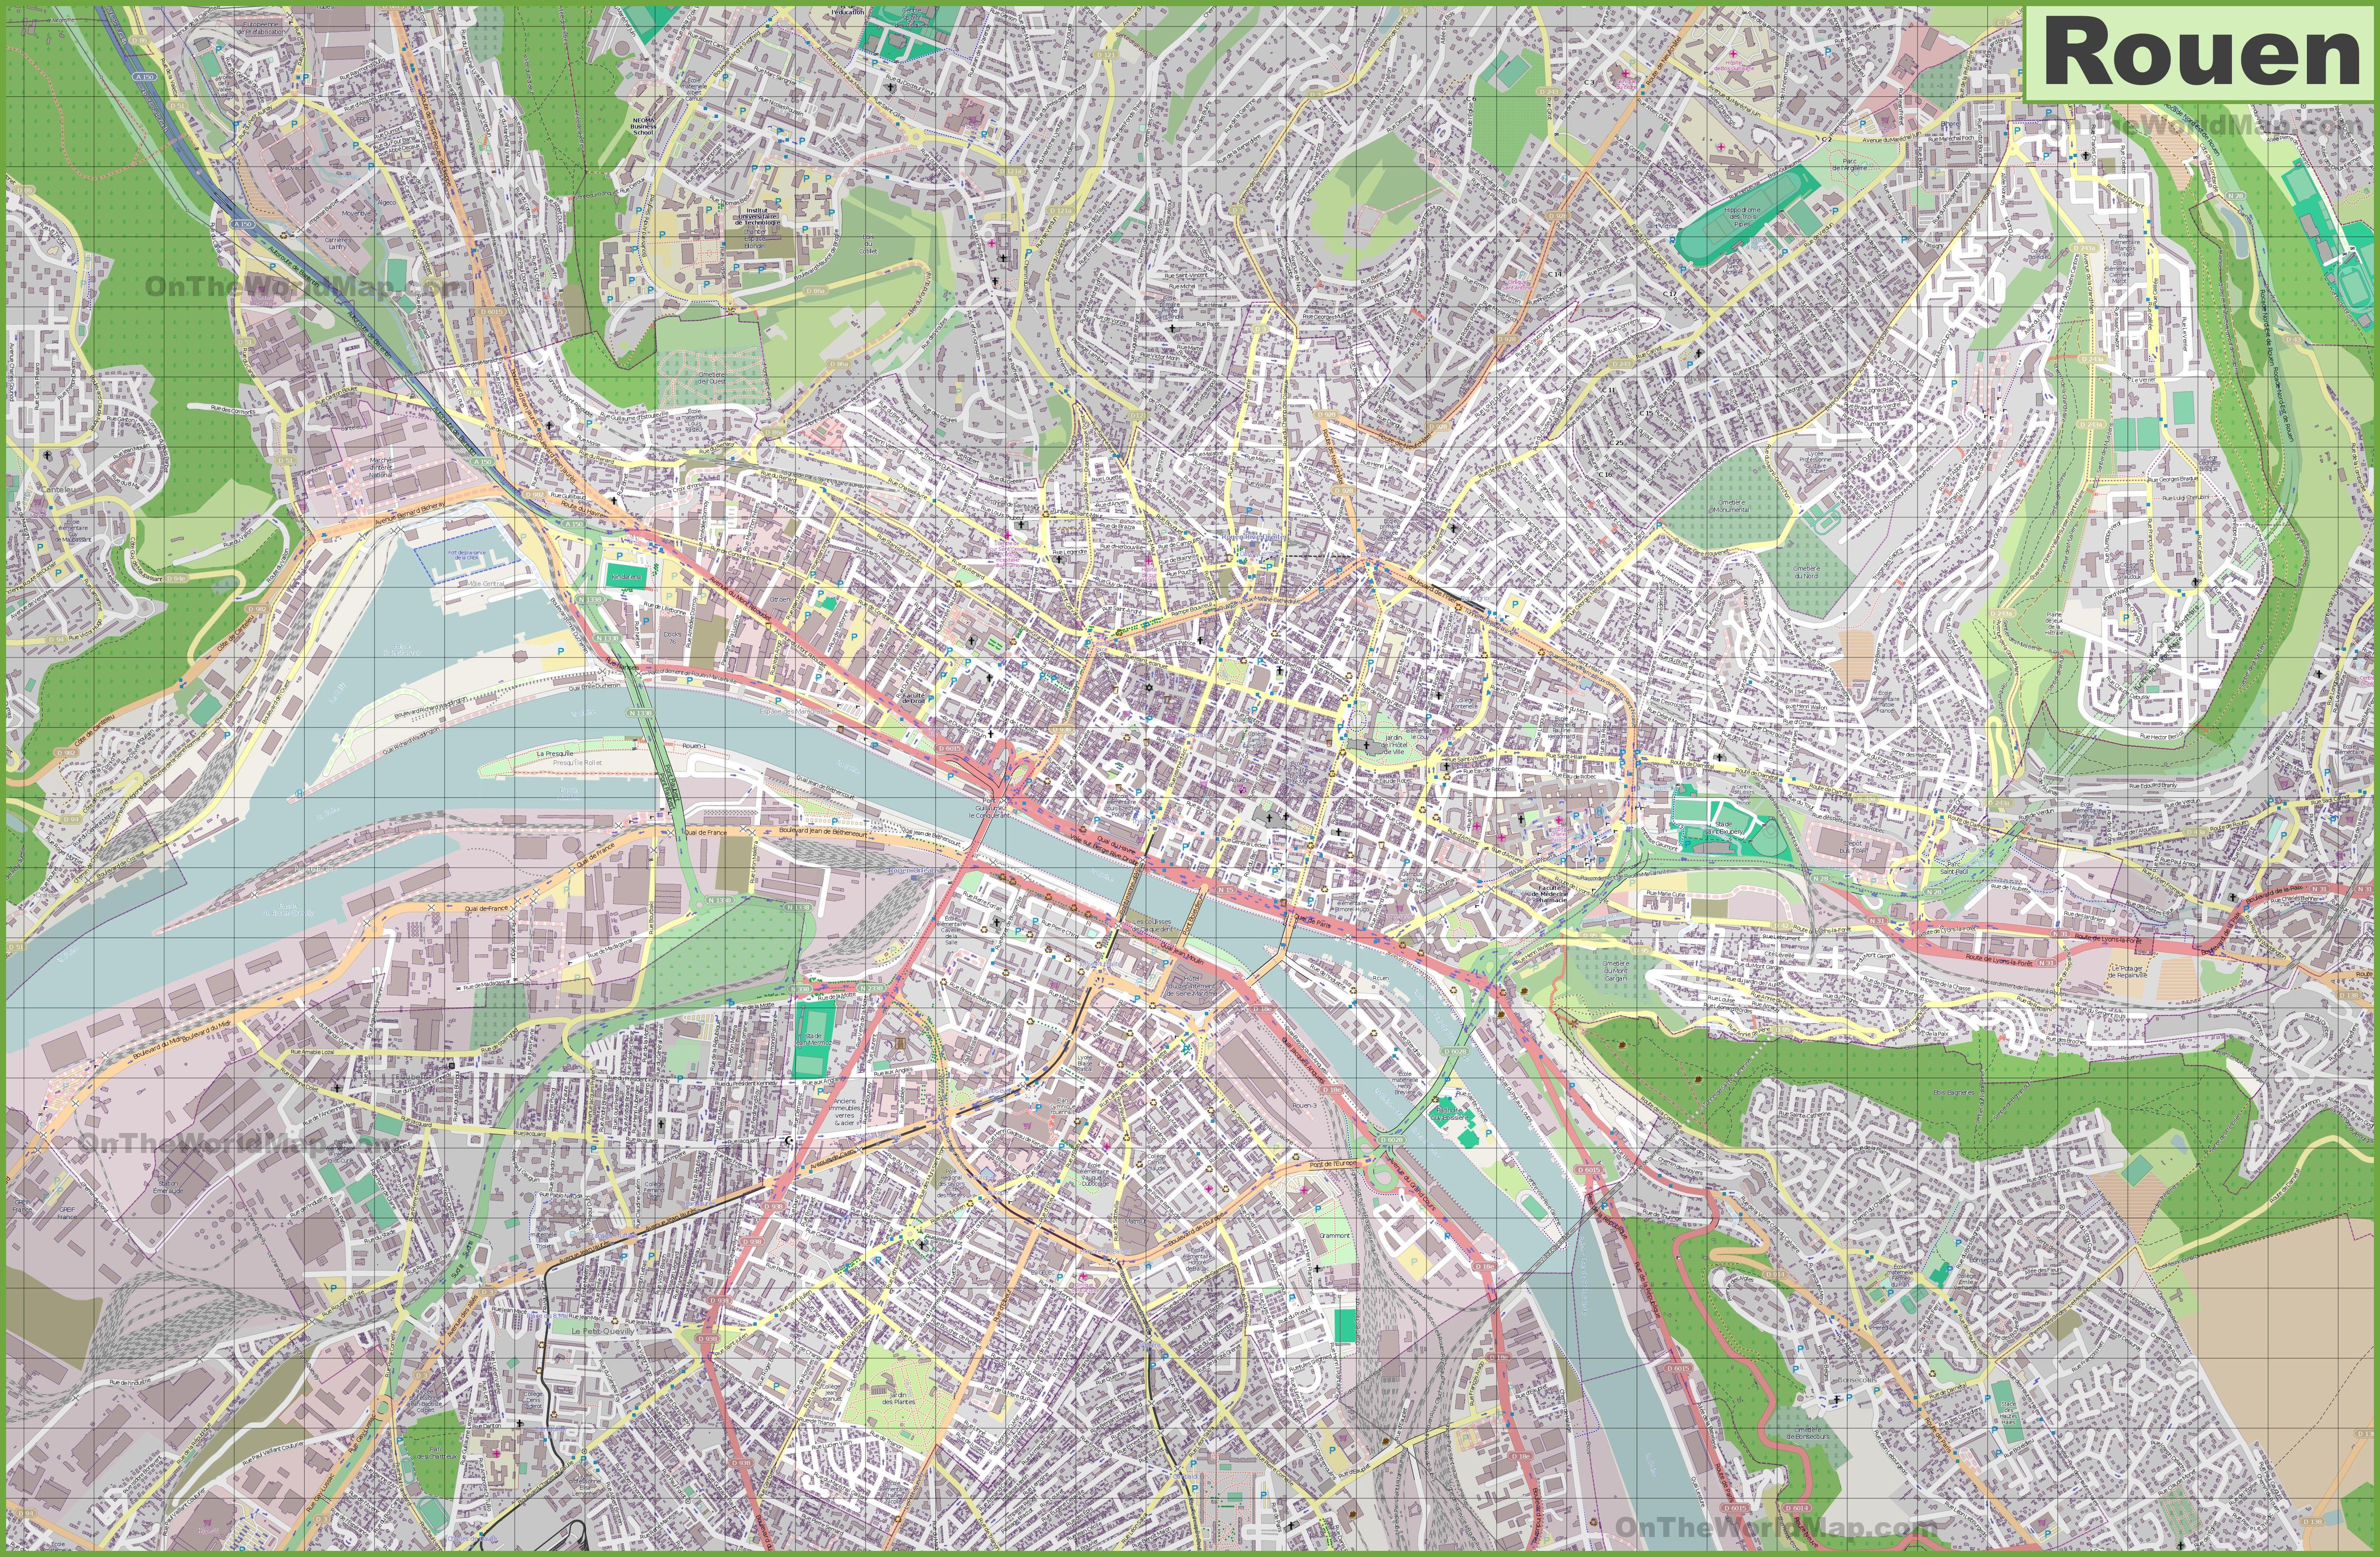 Carte de Rouen - Plusieurs cartes de la ville en Seine ...